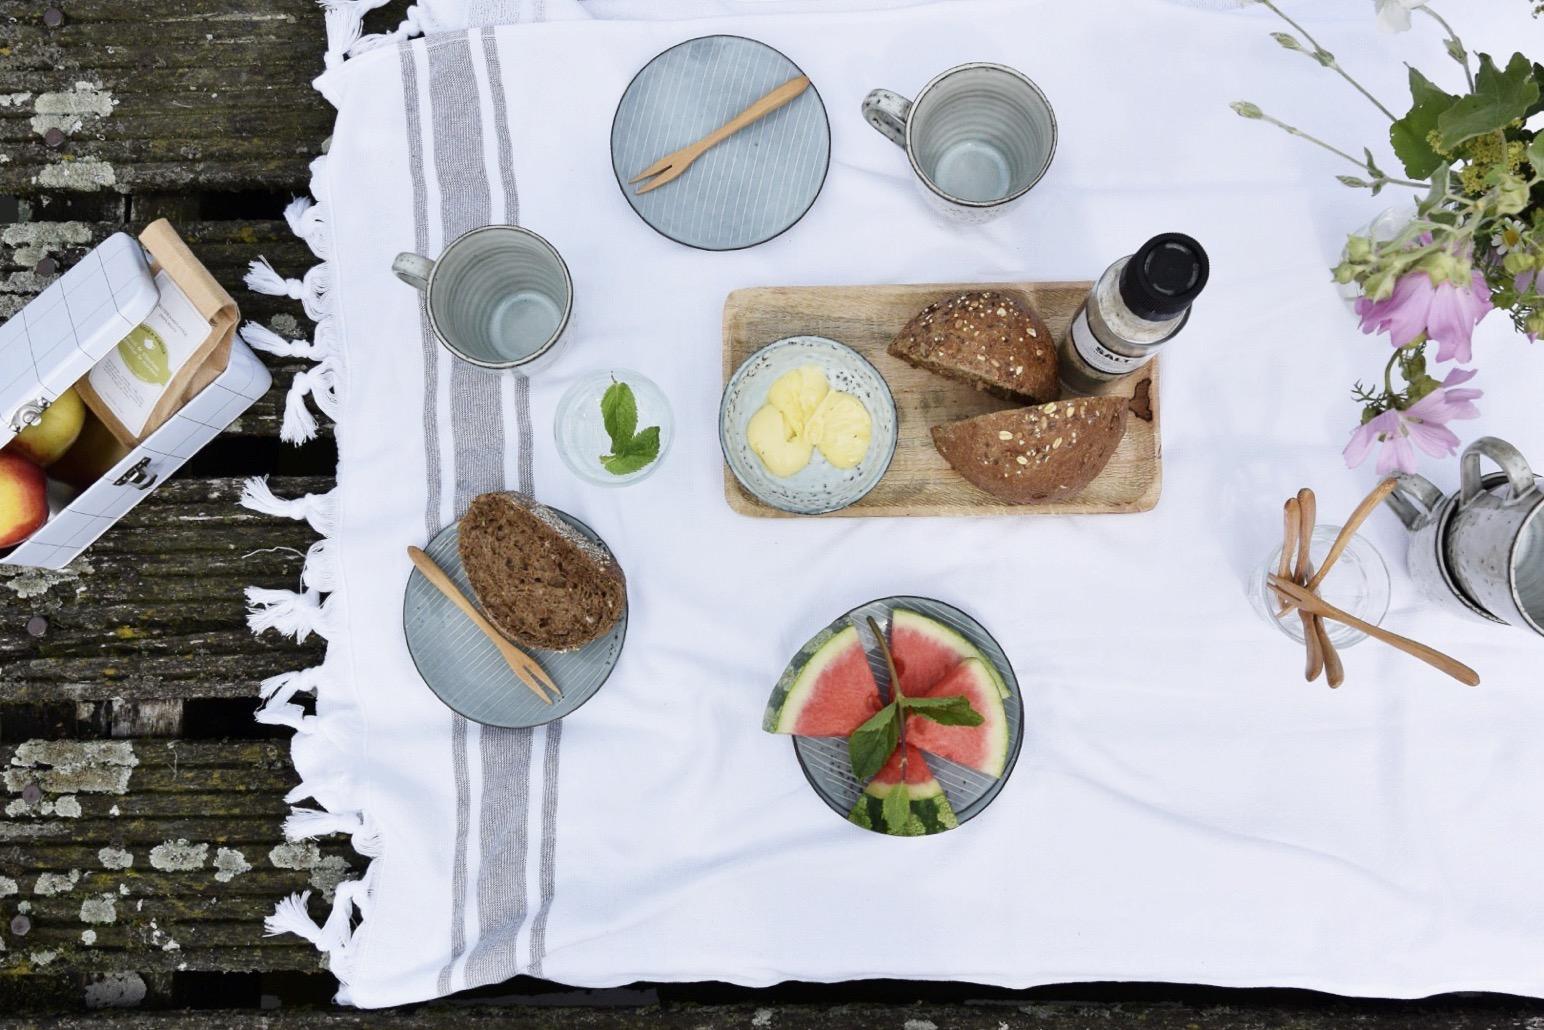 selinesteba.com - Seline Steba styled een zomerse picknick met Leeff producten.jpg